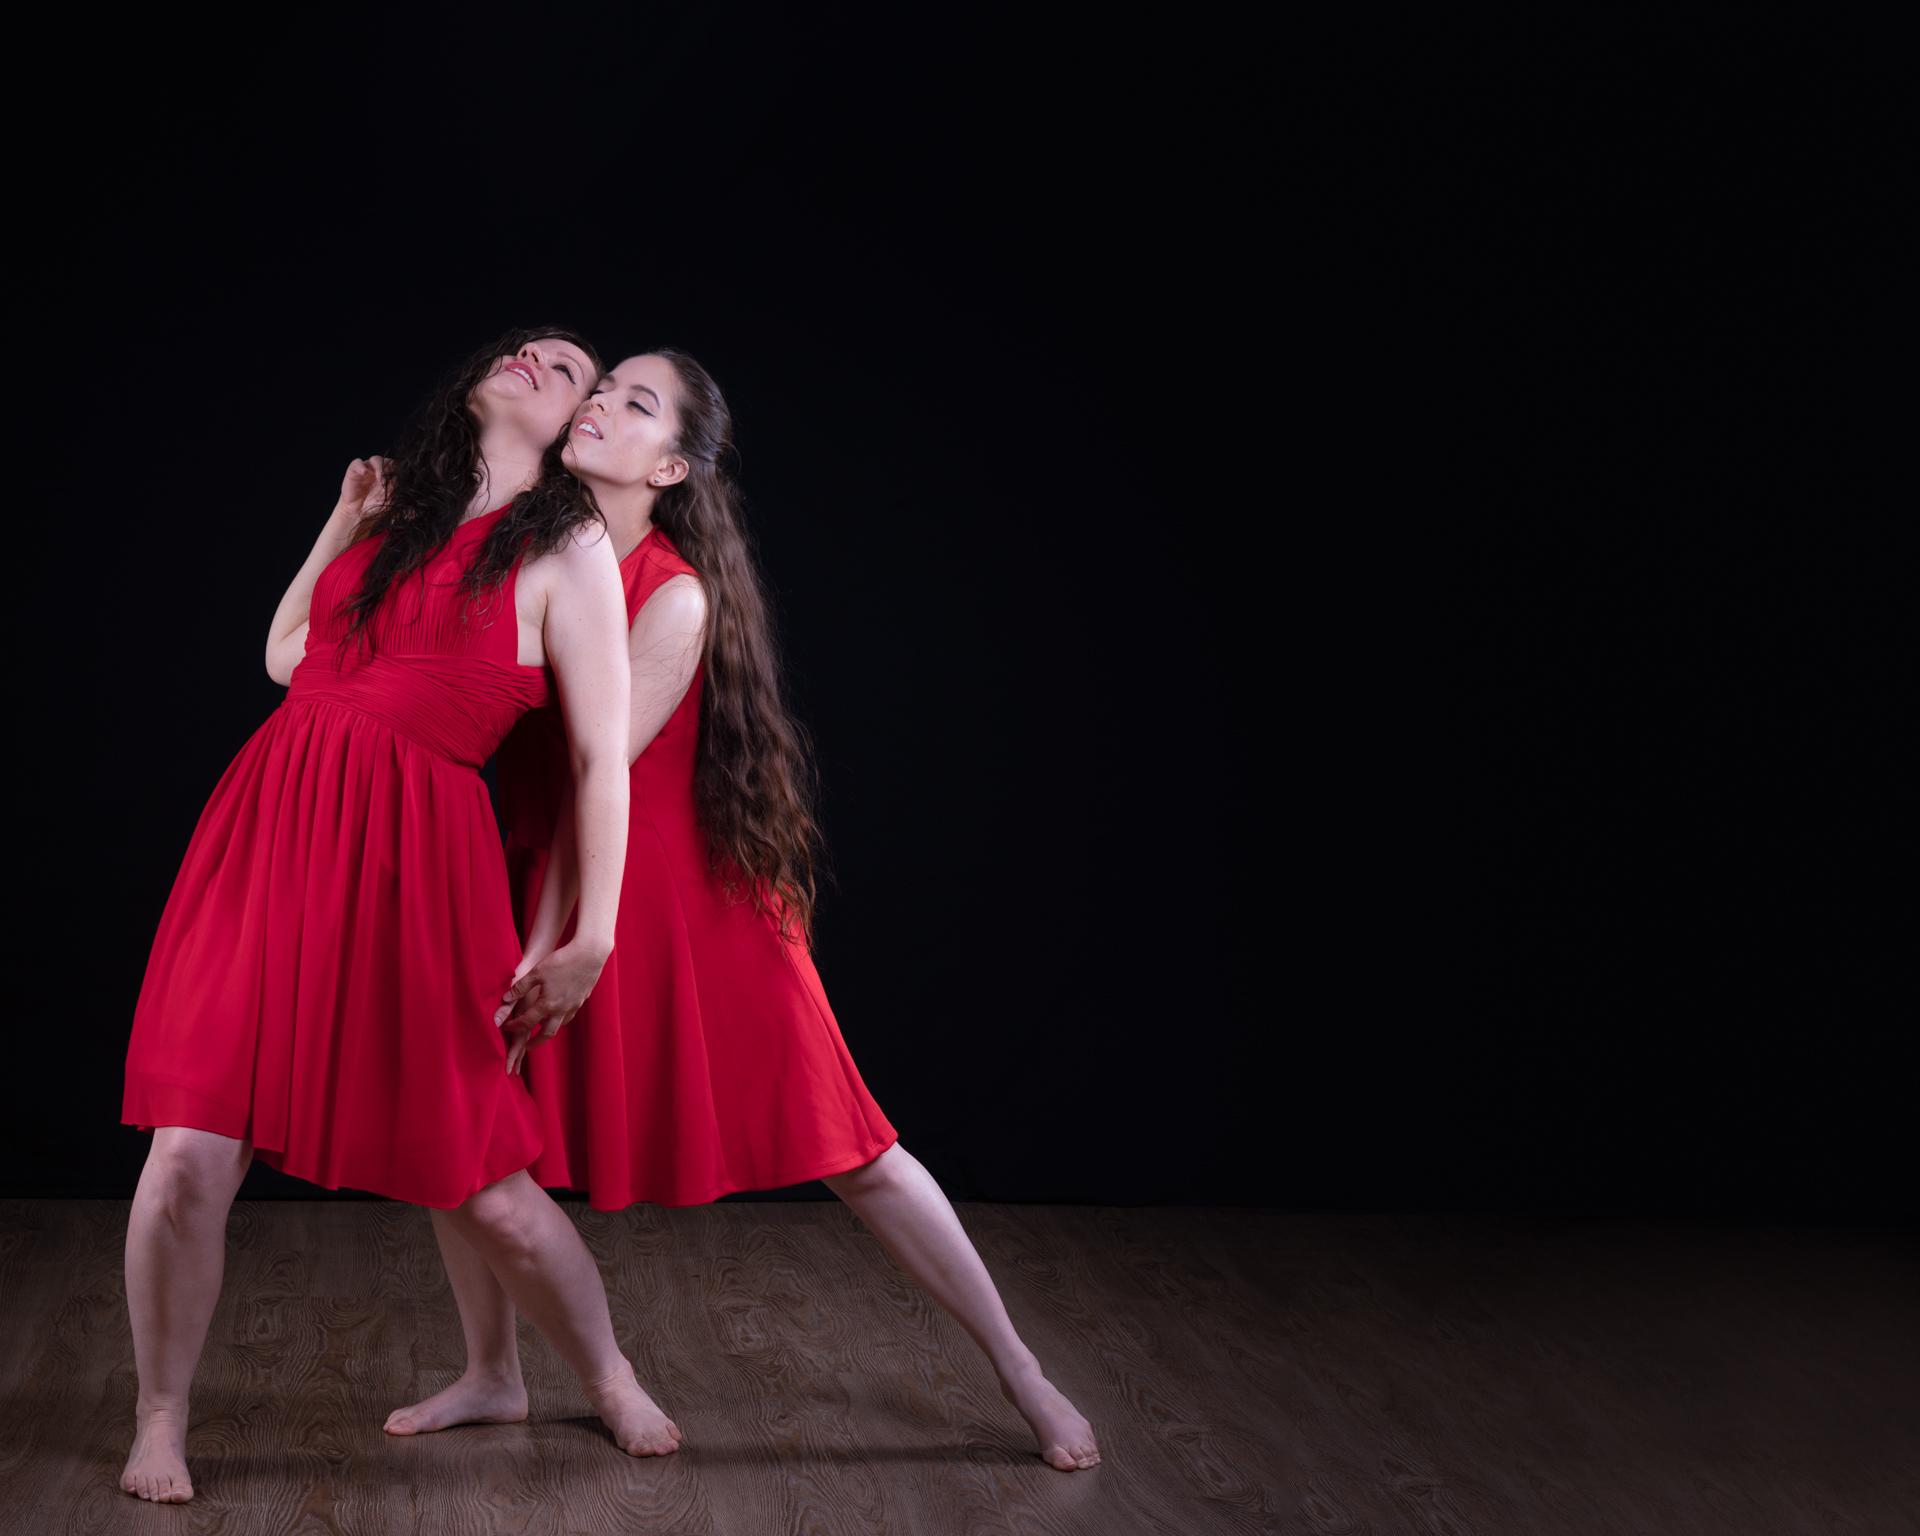 CFrenette-Jessie-Julie-duo-3